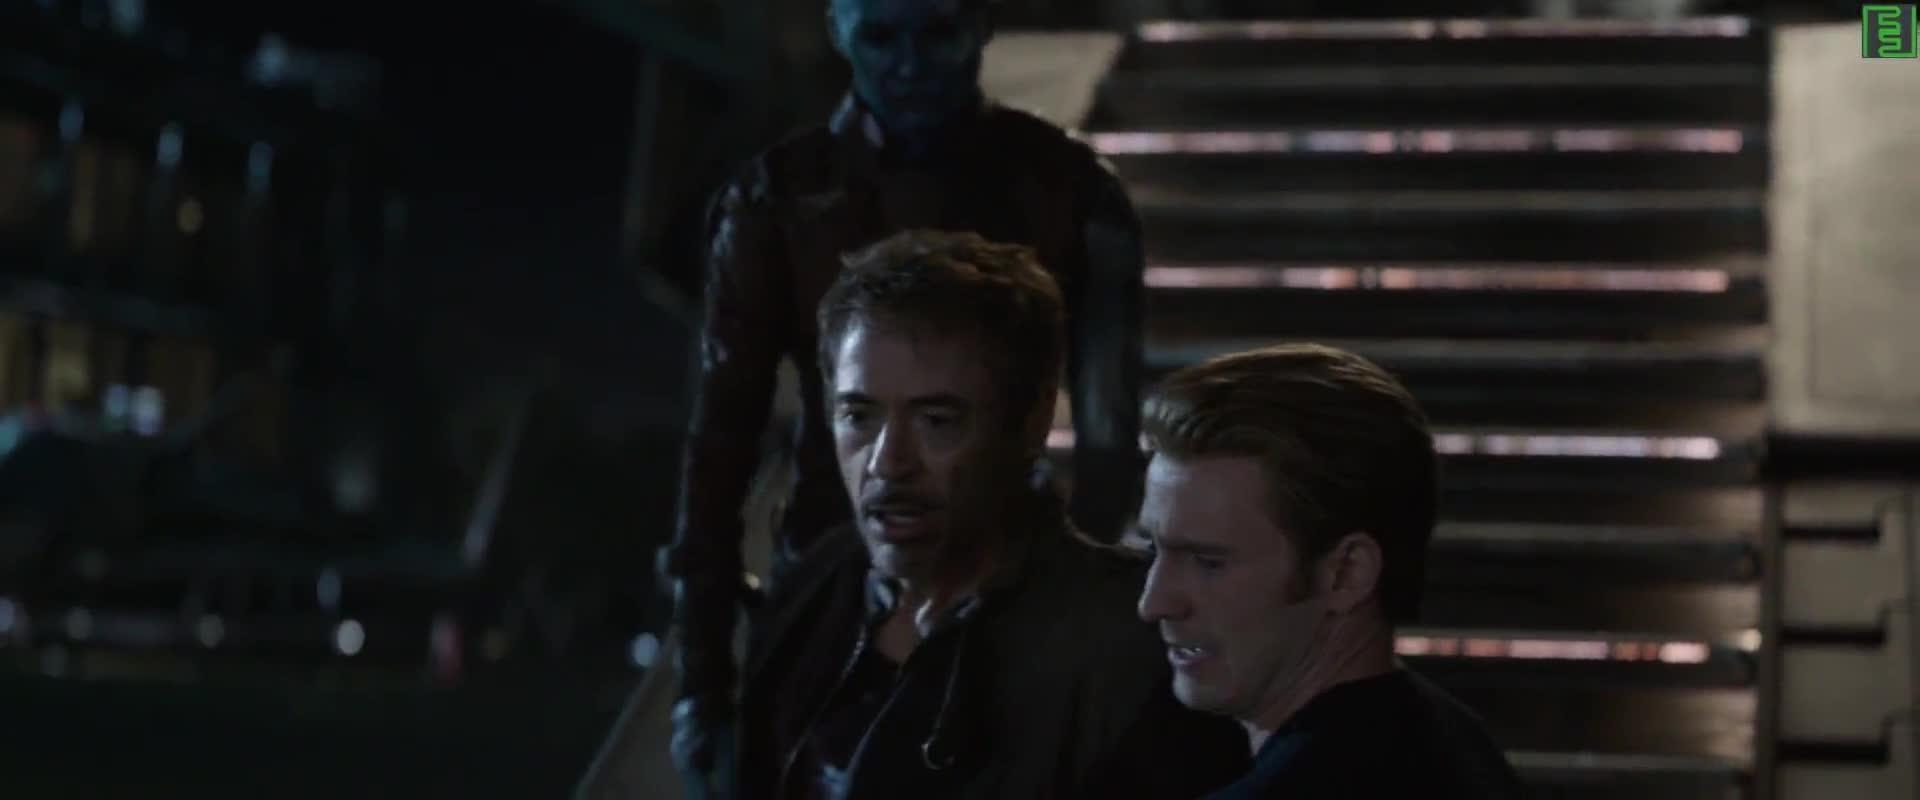 Avengers Endgame    2019 cz